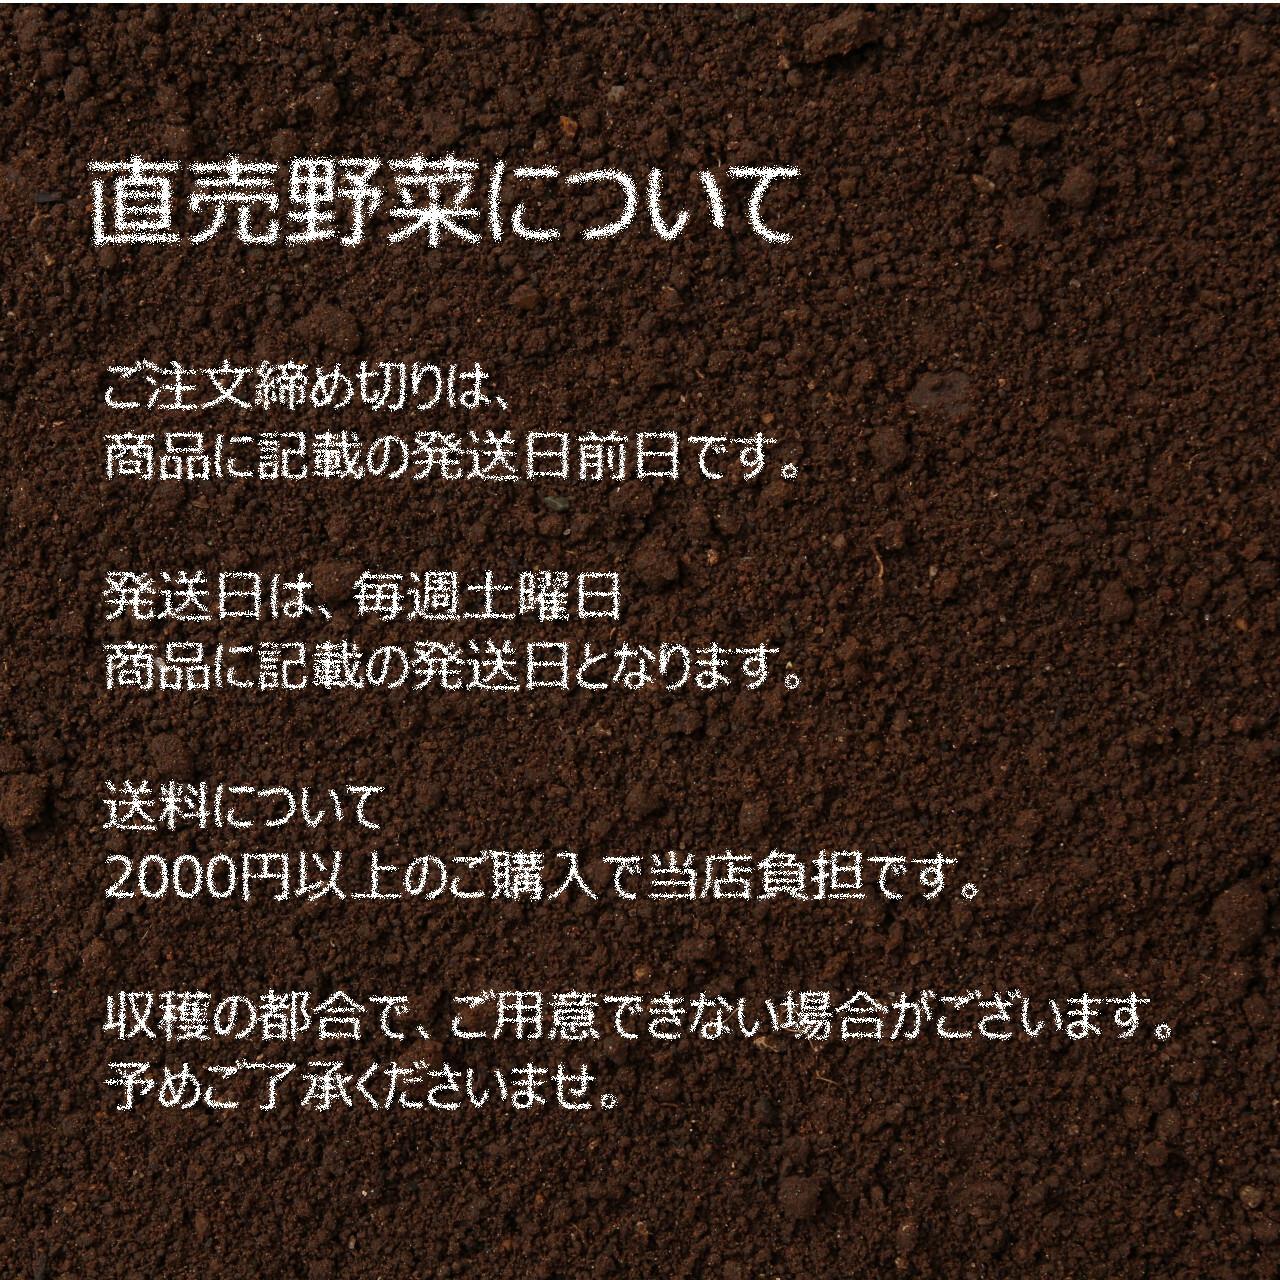 6月の新鮮野菜 : キュウリ 3~4本 朝採り直売野菜 6月27日発送予定